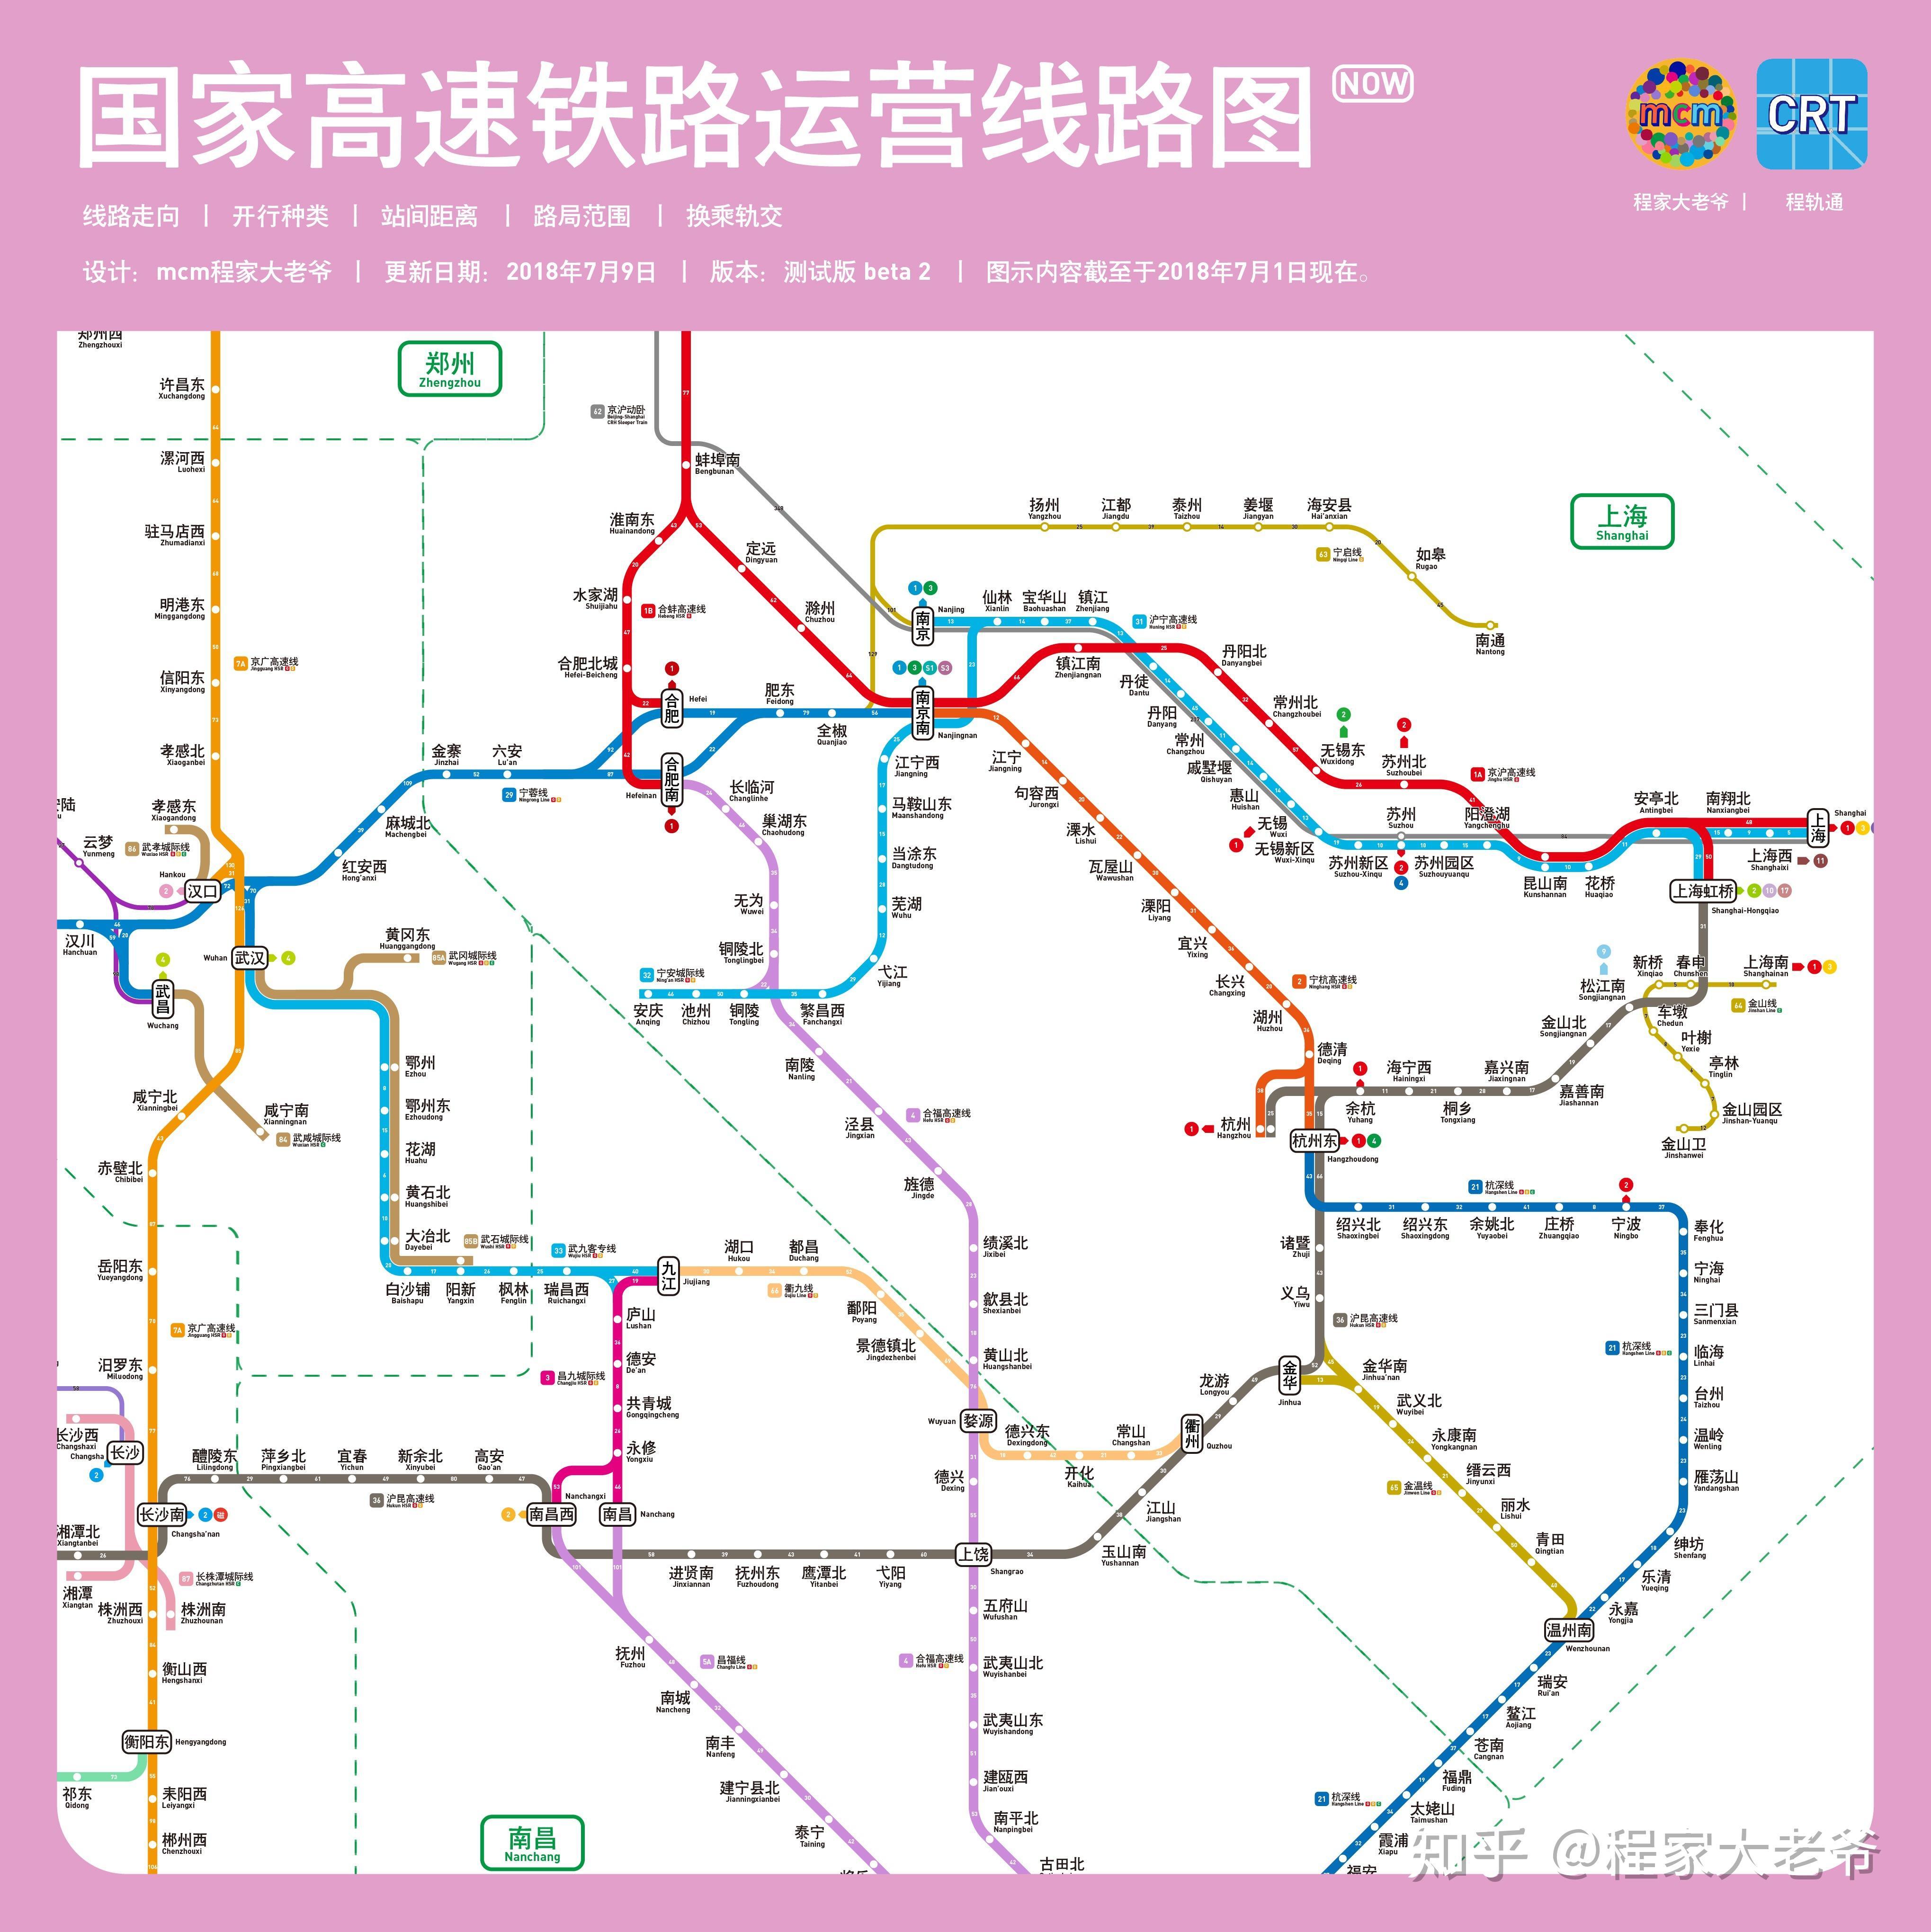 全国铁路货运线路图_国家高速铁路运营线路图发布 - 知乎